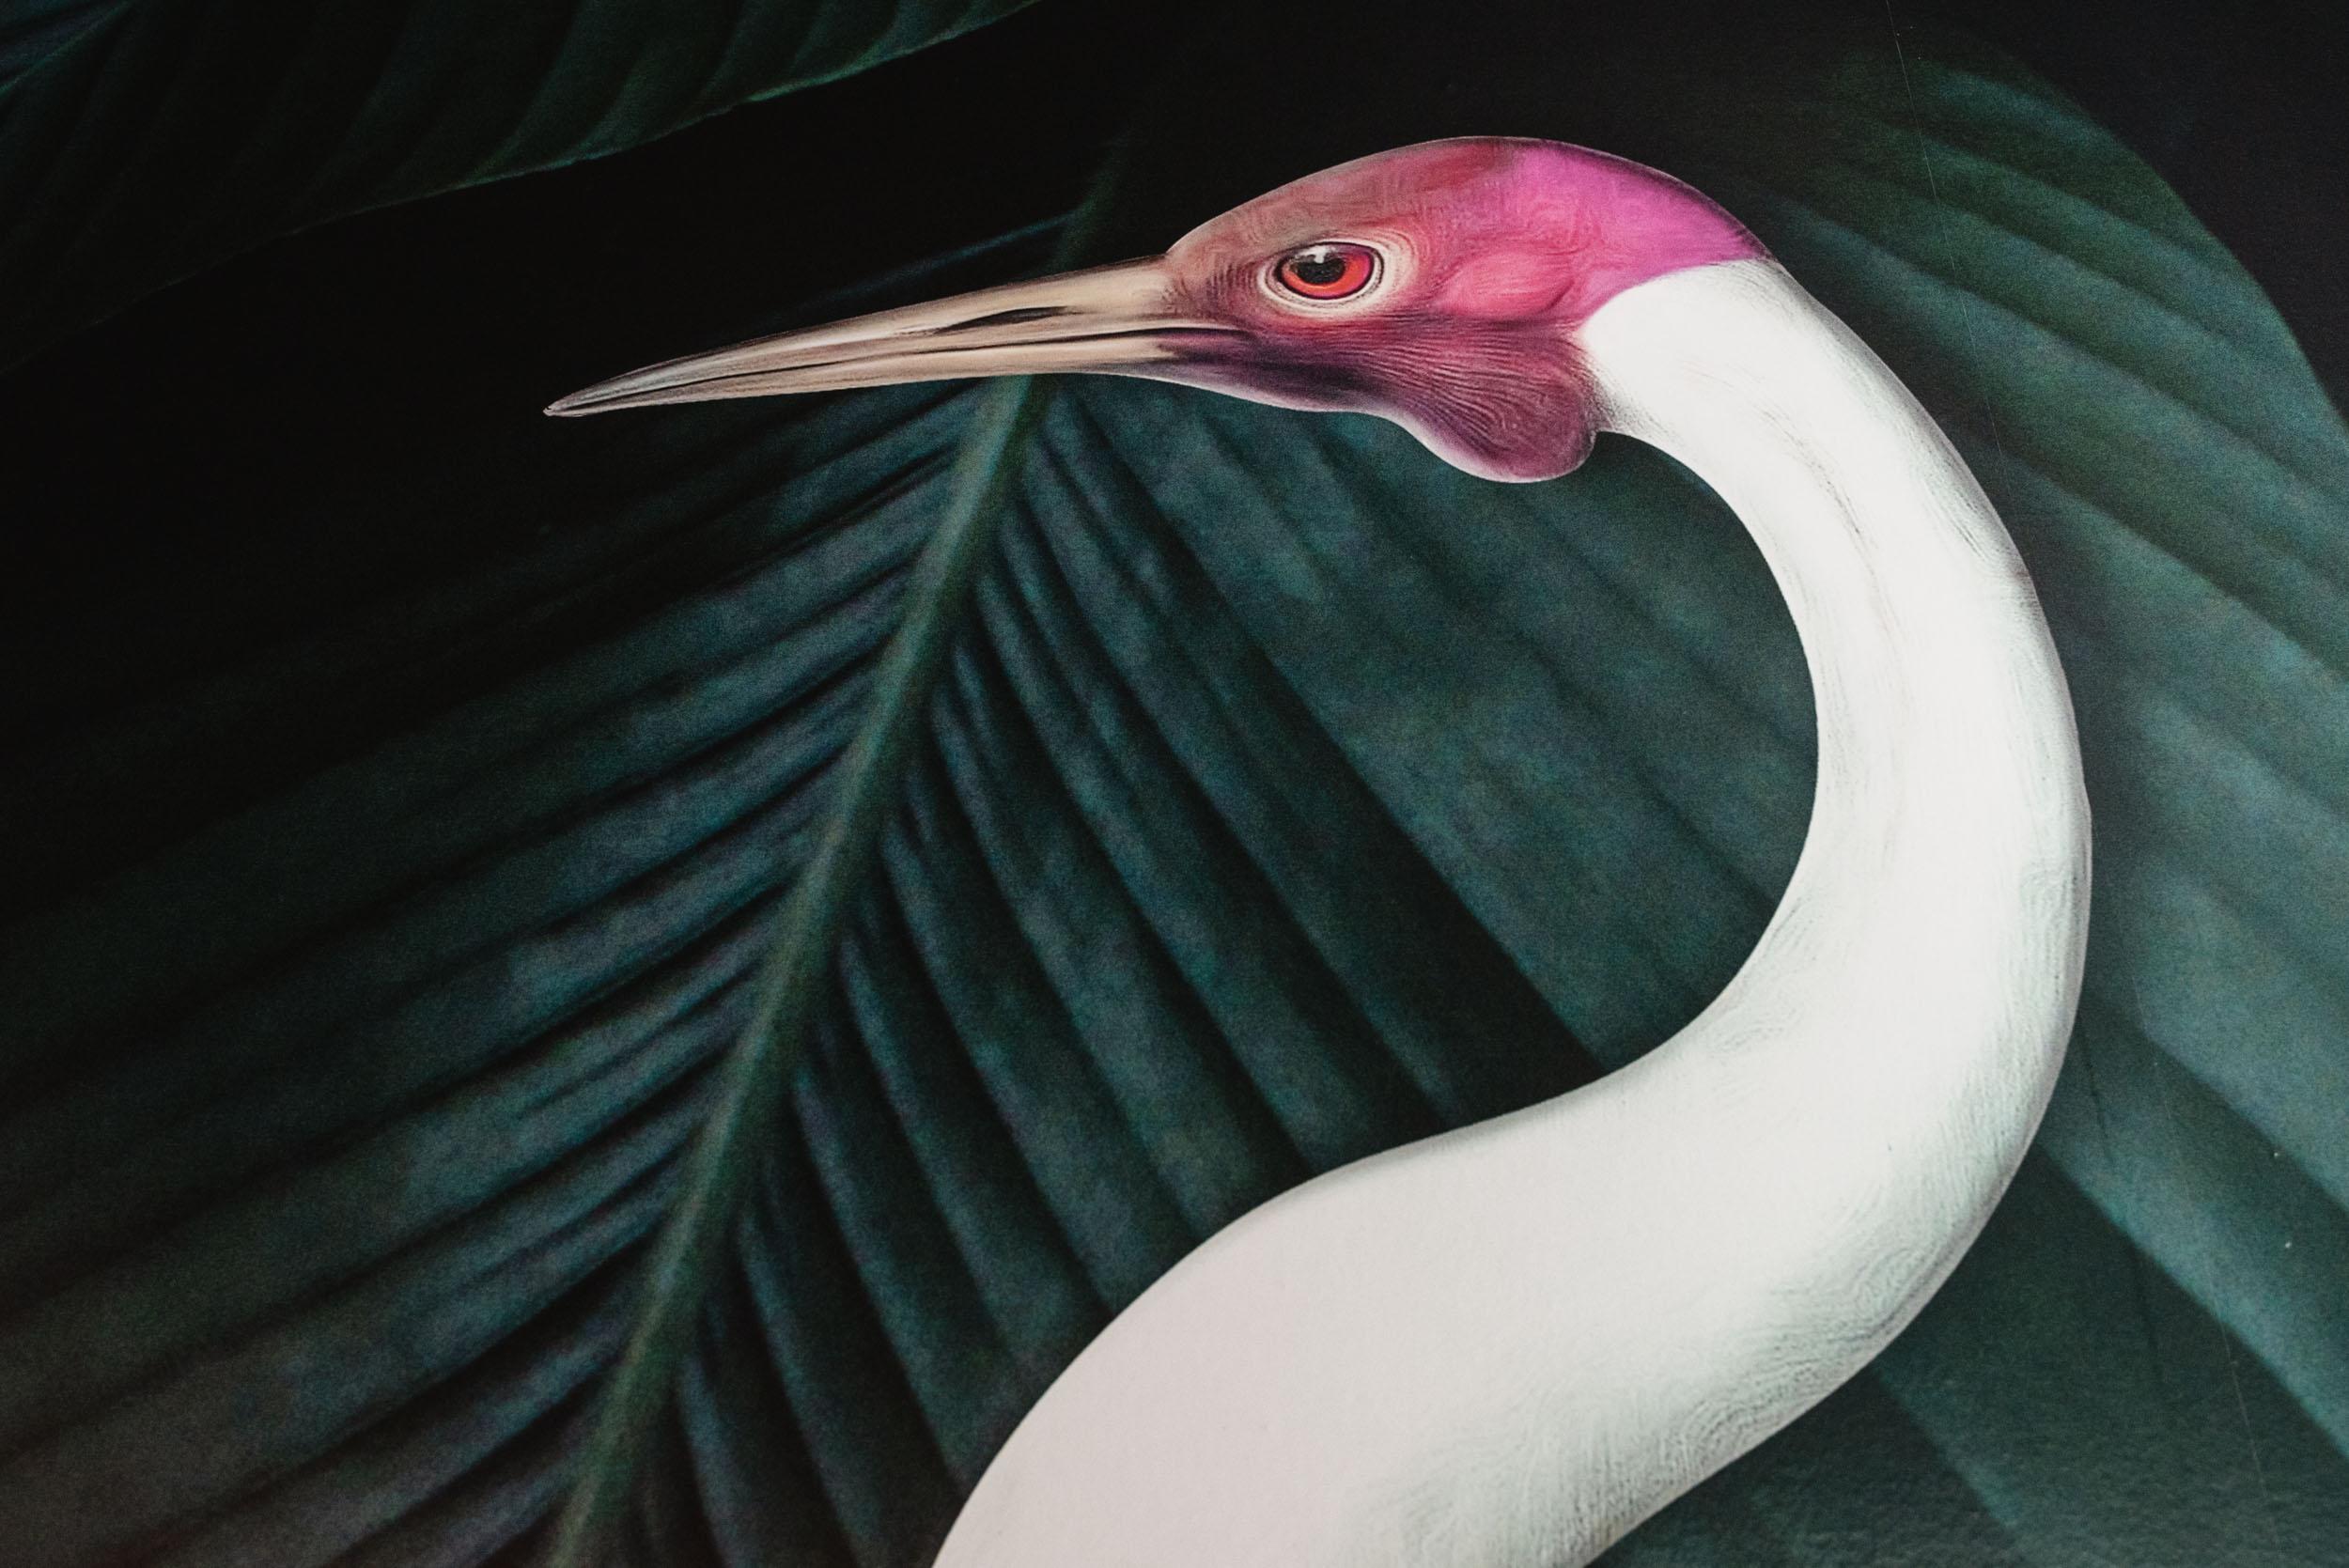 Bird mural wallpaper in bathroom